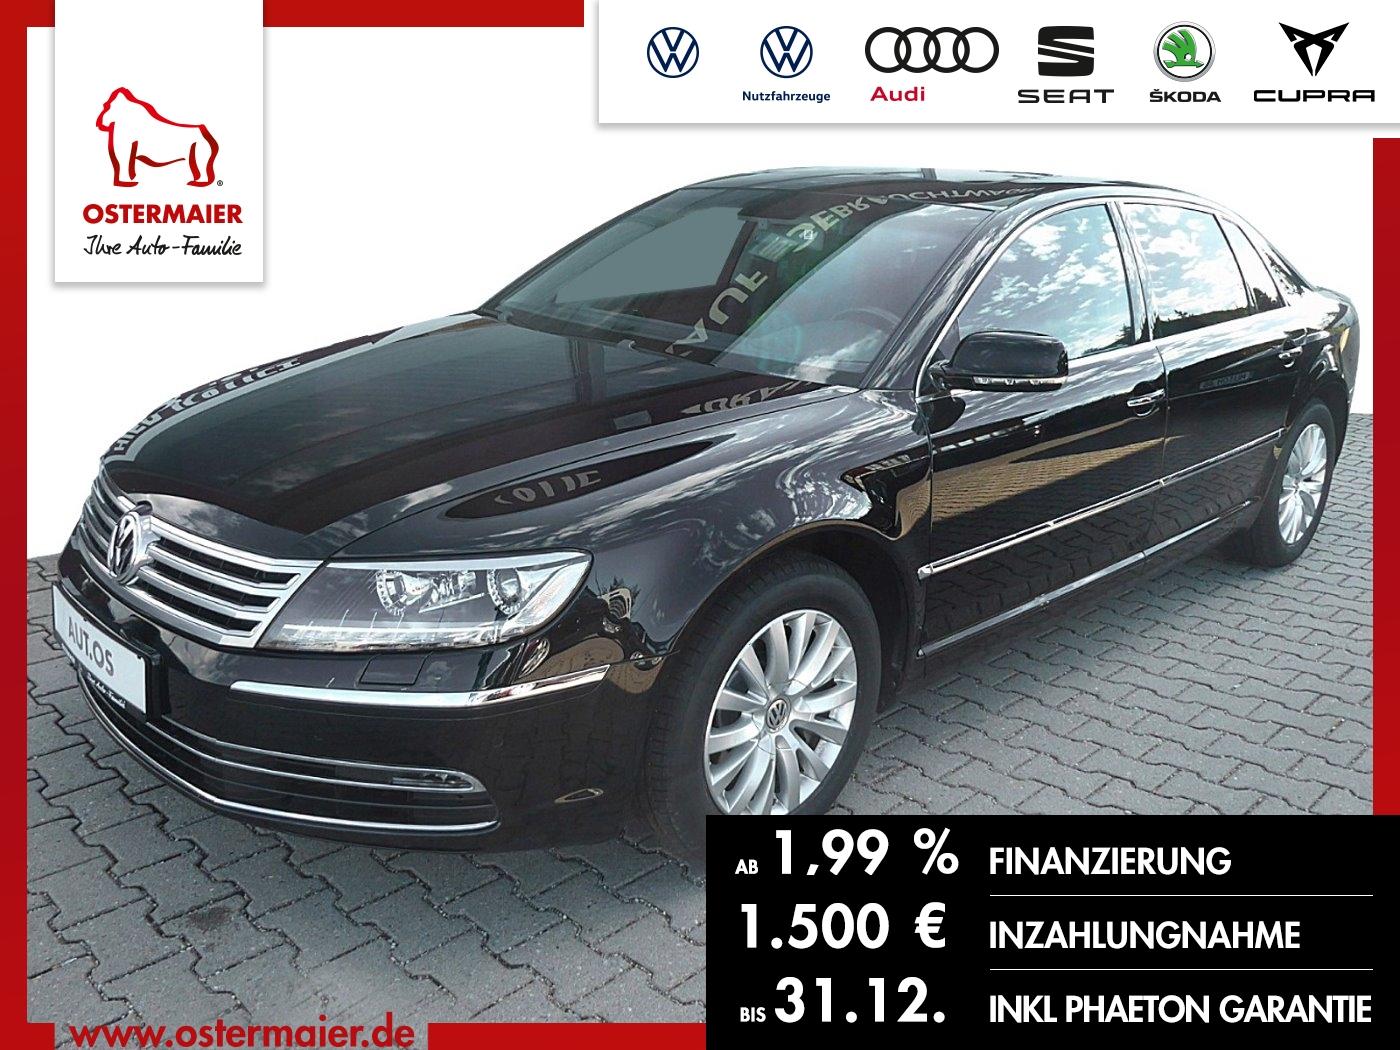 Volkswagen Phaeton LANG 3.0TDI 245PS 5SITZE NP:93tEUR S-DAC, Jahr 2015, Diesel